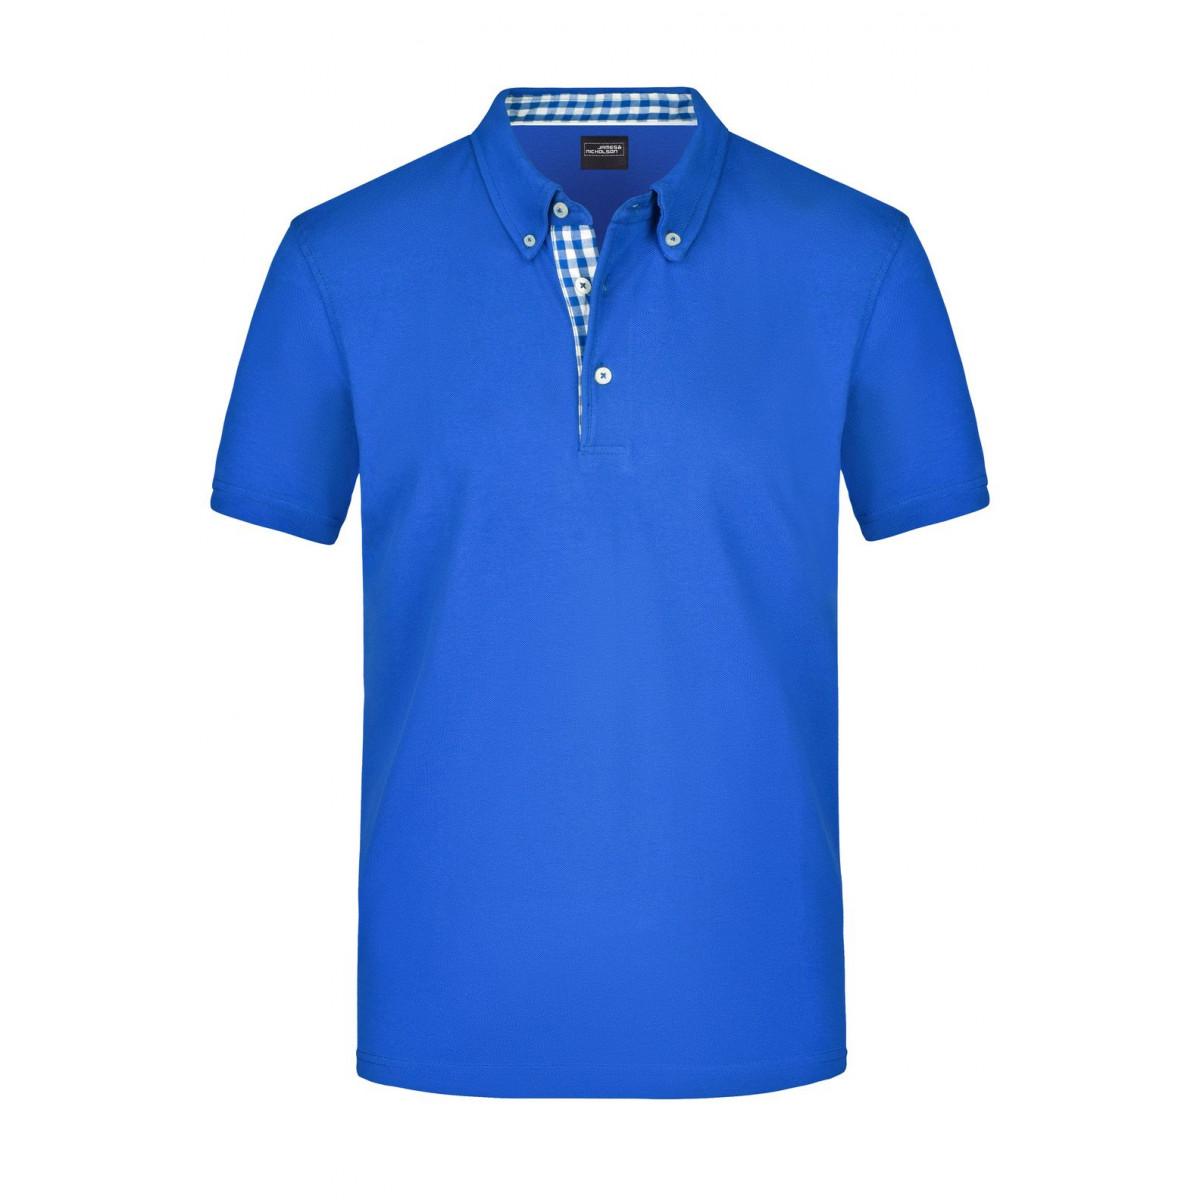 Рубашка поло мужская JN964 Mens Plain Polo - Ярко-синий/Ярко-синий-Белый